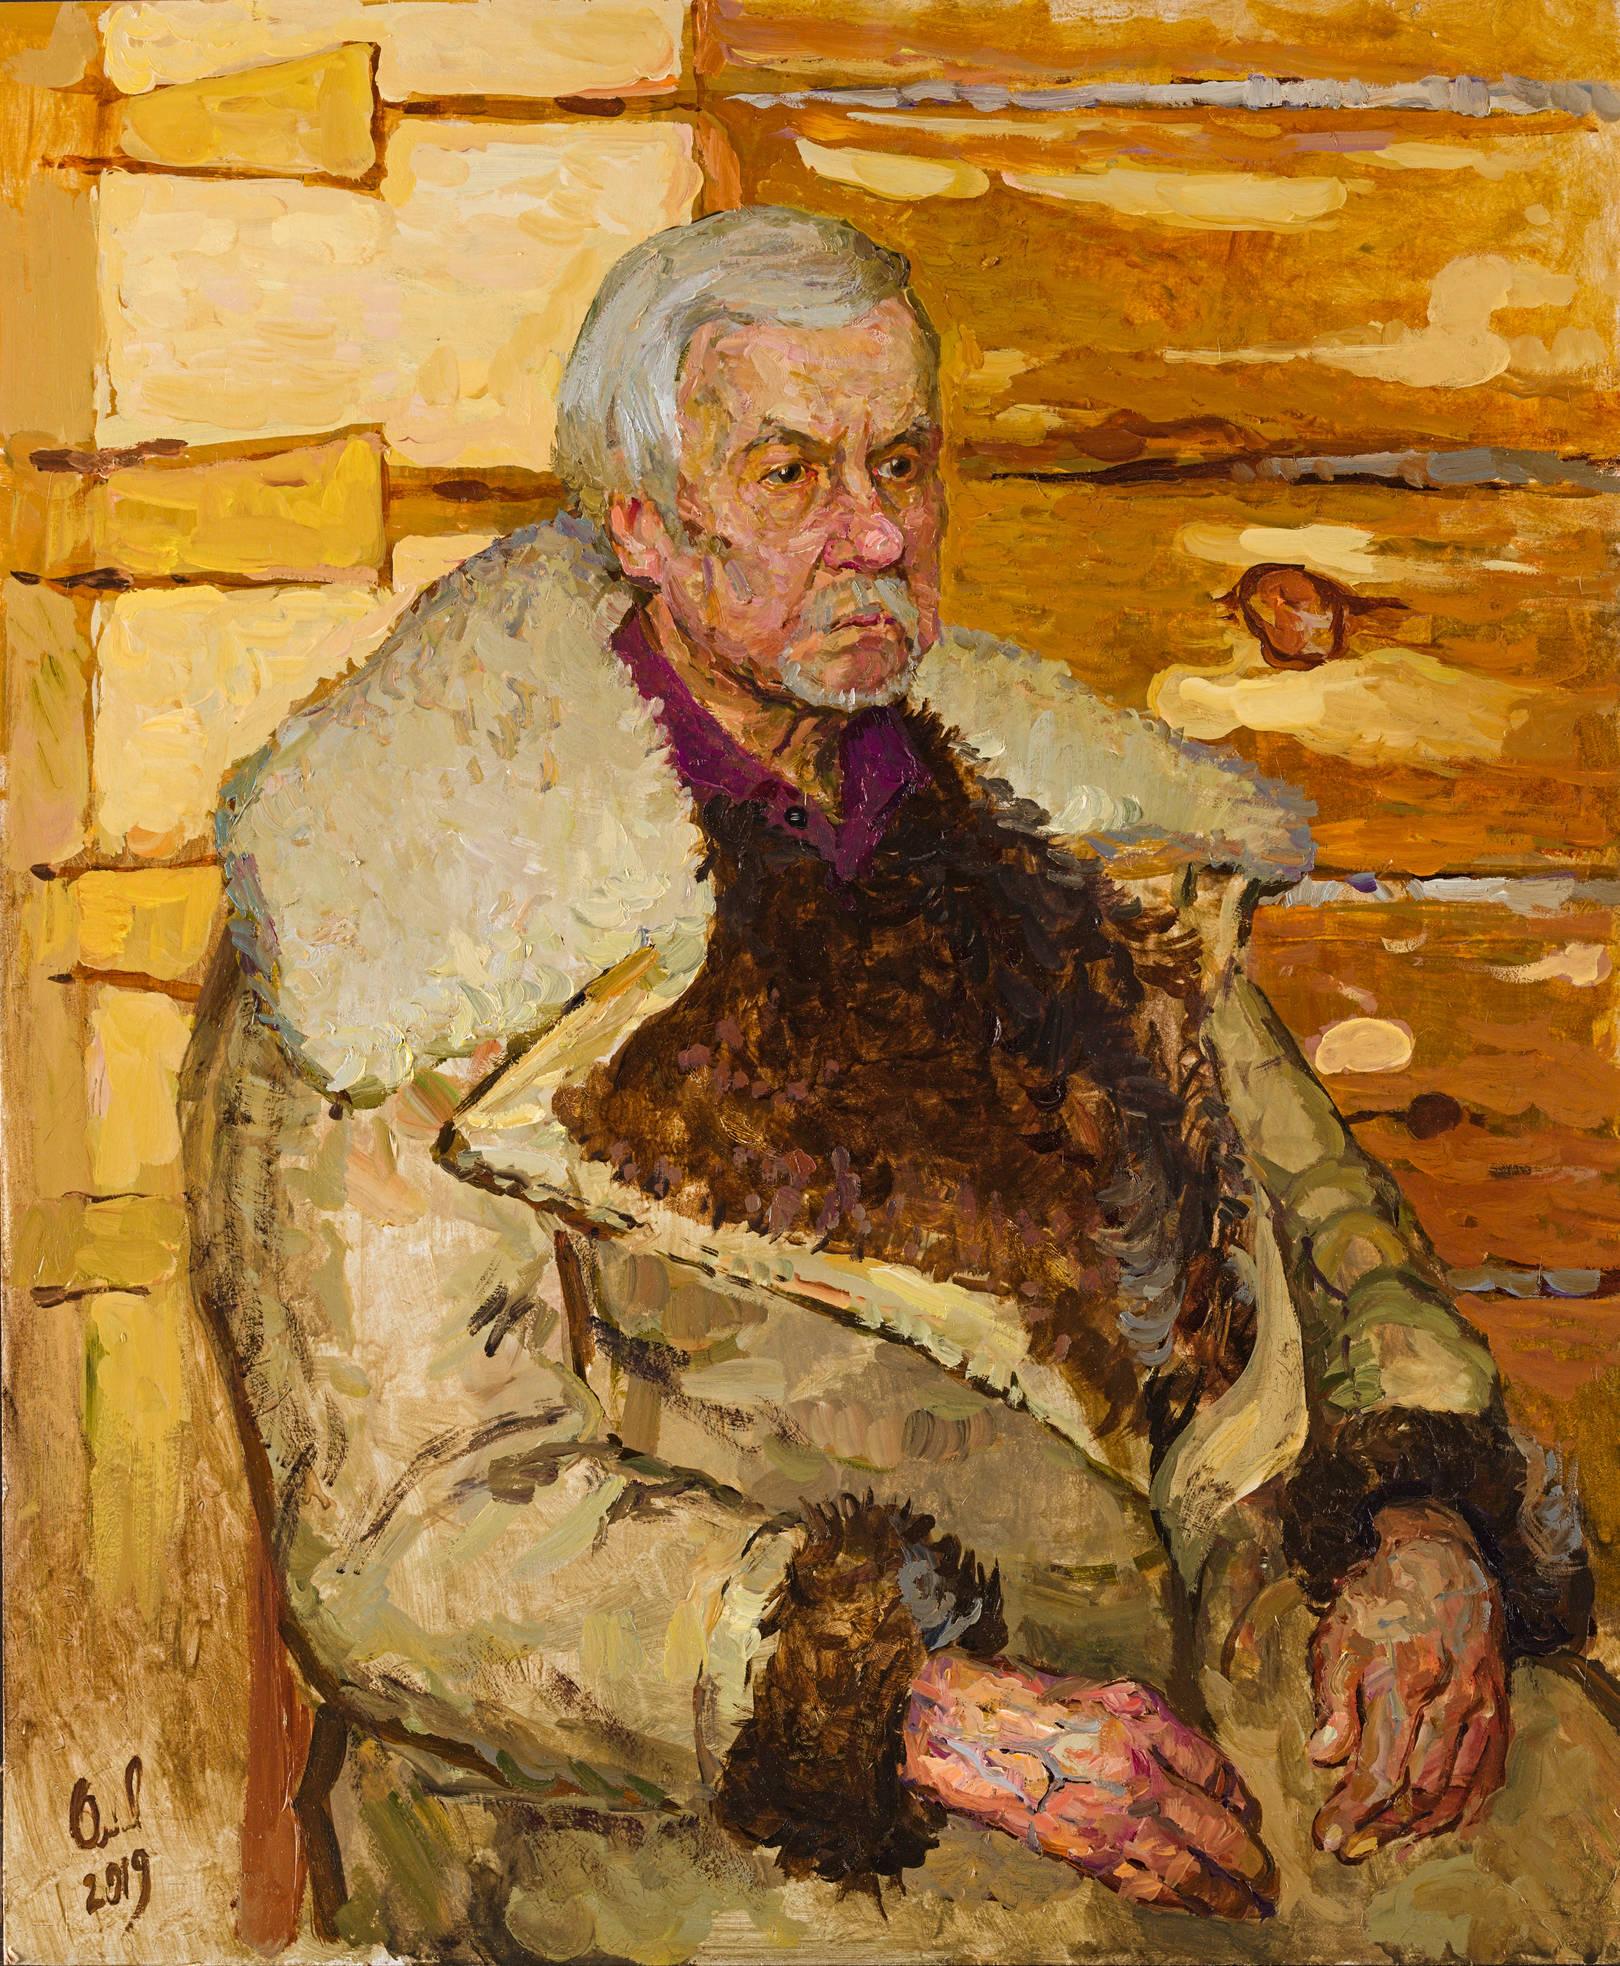 Олейников Сергей Николаевич - Заслуженный художник Российской Федерации